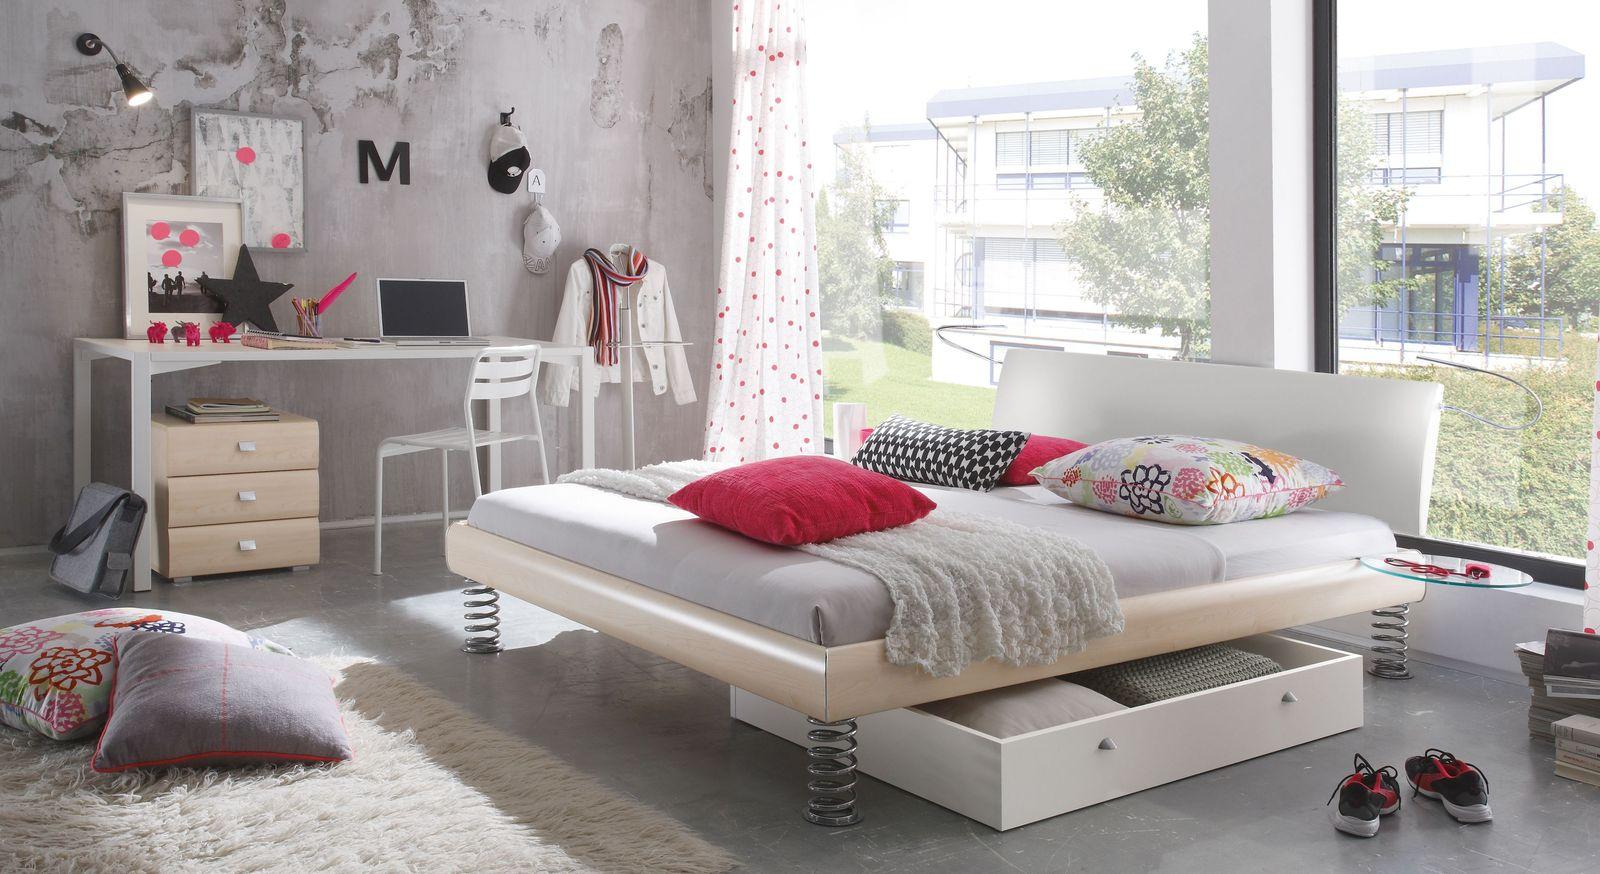 Bett Wereda mit passenden Produkte